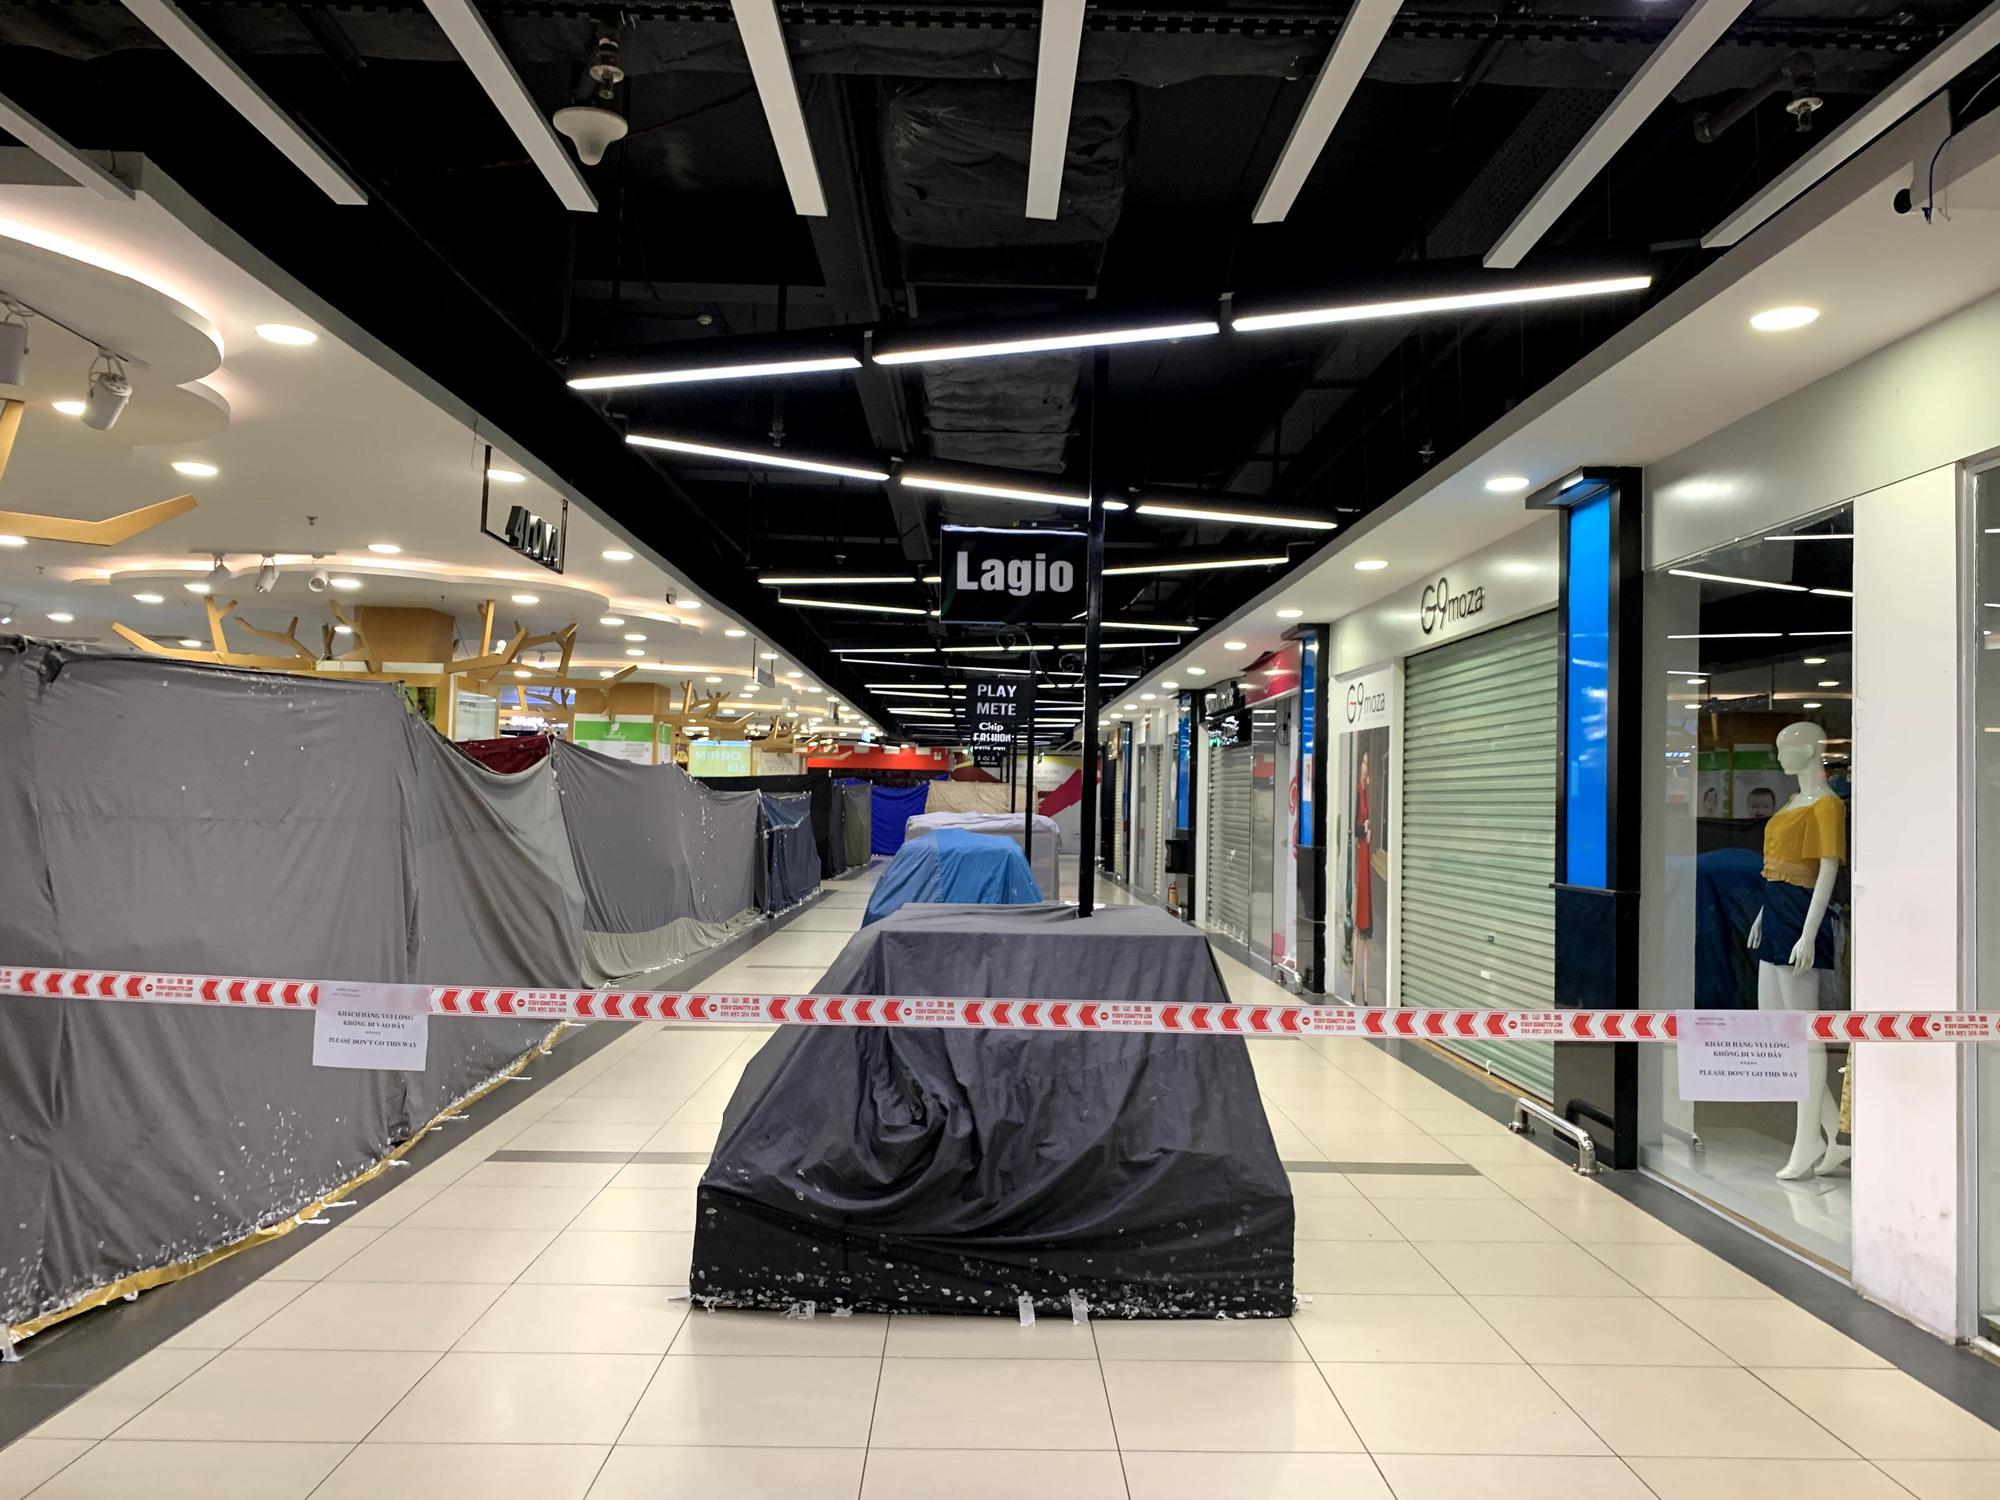 Cận cảnh ngày đầu chống dịch ở Hà Nội: Các cơ sở dịch vụ đóng cửa, siêu thị tiếp tục hoạt động, hàng hoá đầy ăm ắp vắng người mua - Ảnh 7.